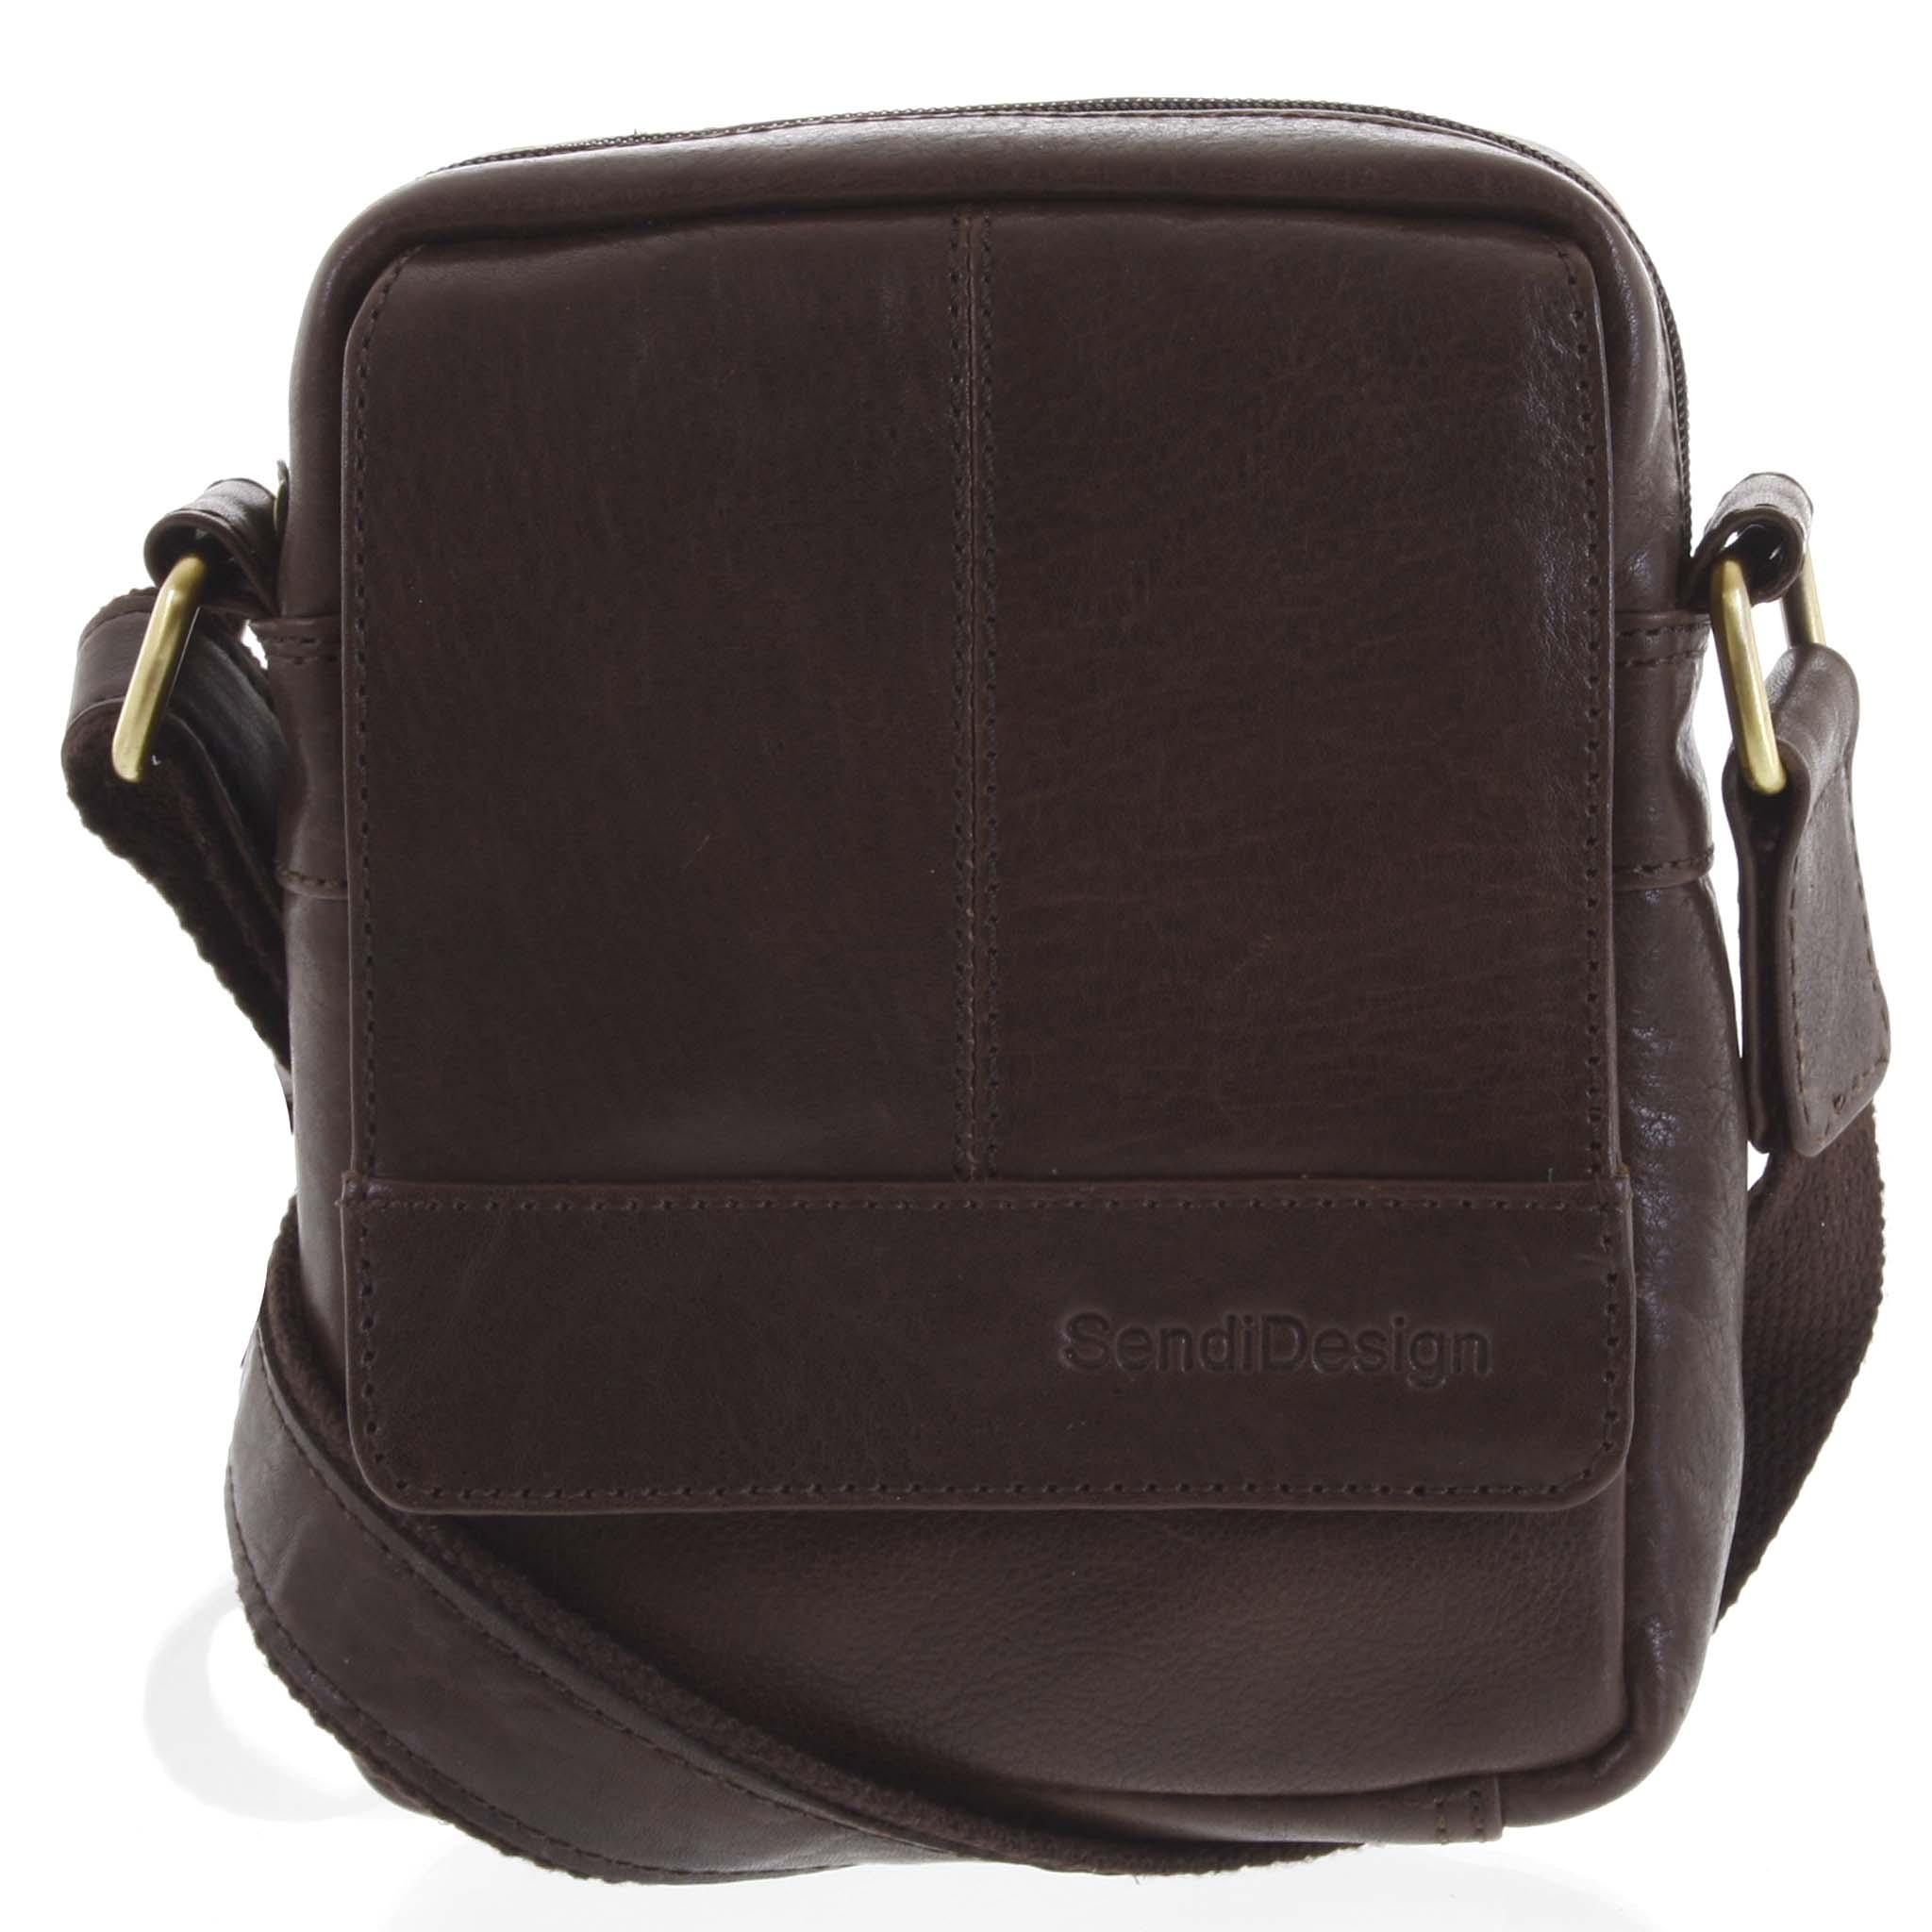 Pánska kožená crossbody taška na doklady tmavo hnedá - SendiDesign Niall hnedá